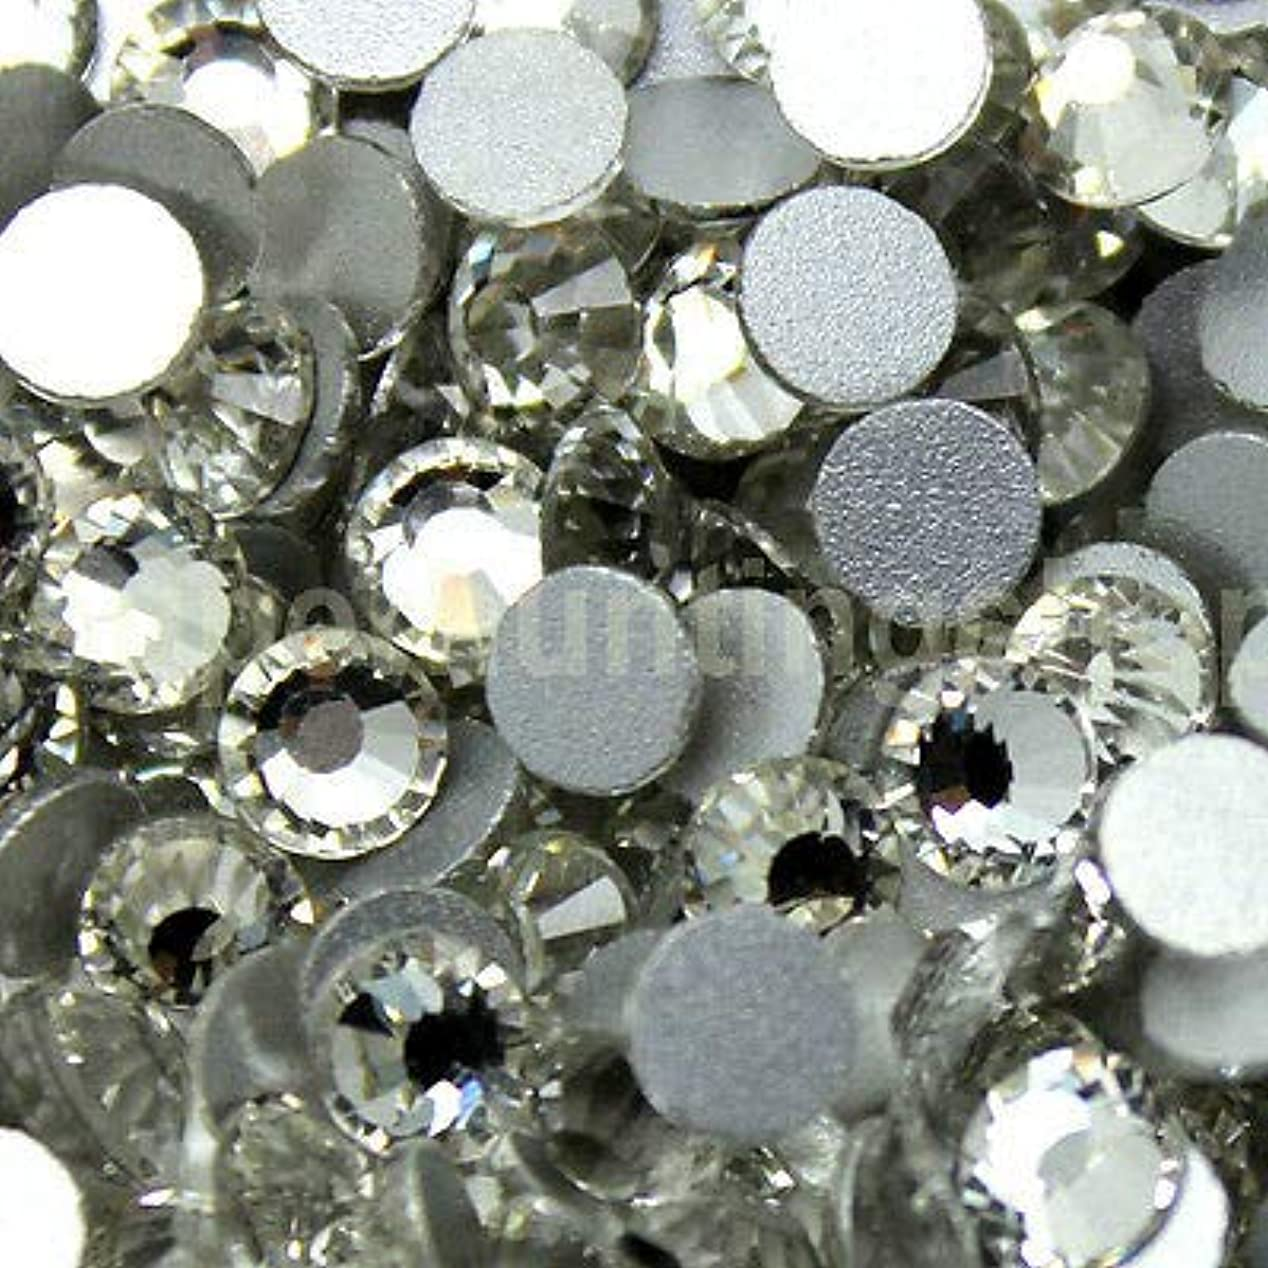 より平らな震えボクシングFidgetGear DIY 1.3-8.5 mmクリスタルヒラタラインストーンネイルアートデコレーションSS3-SS40 結晶